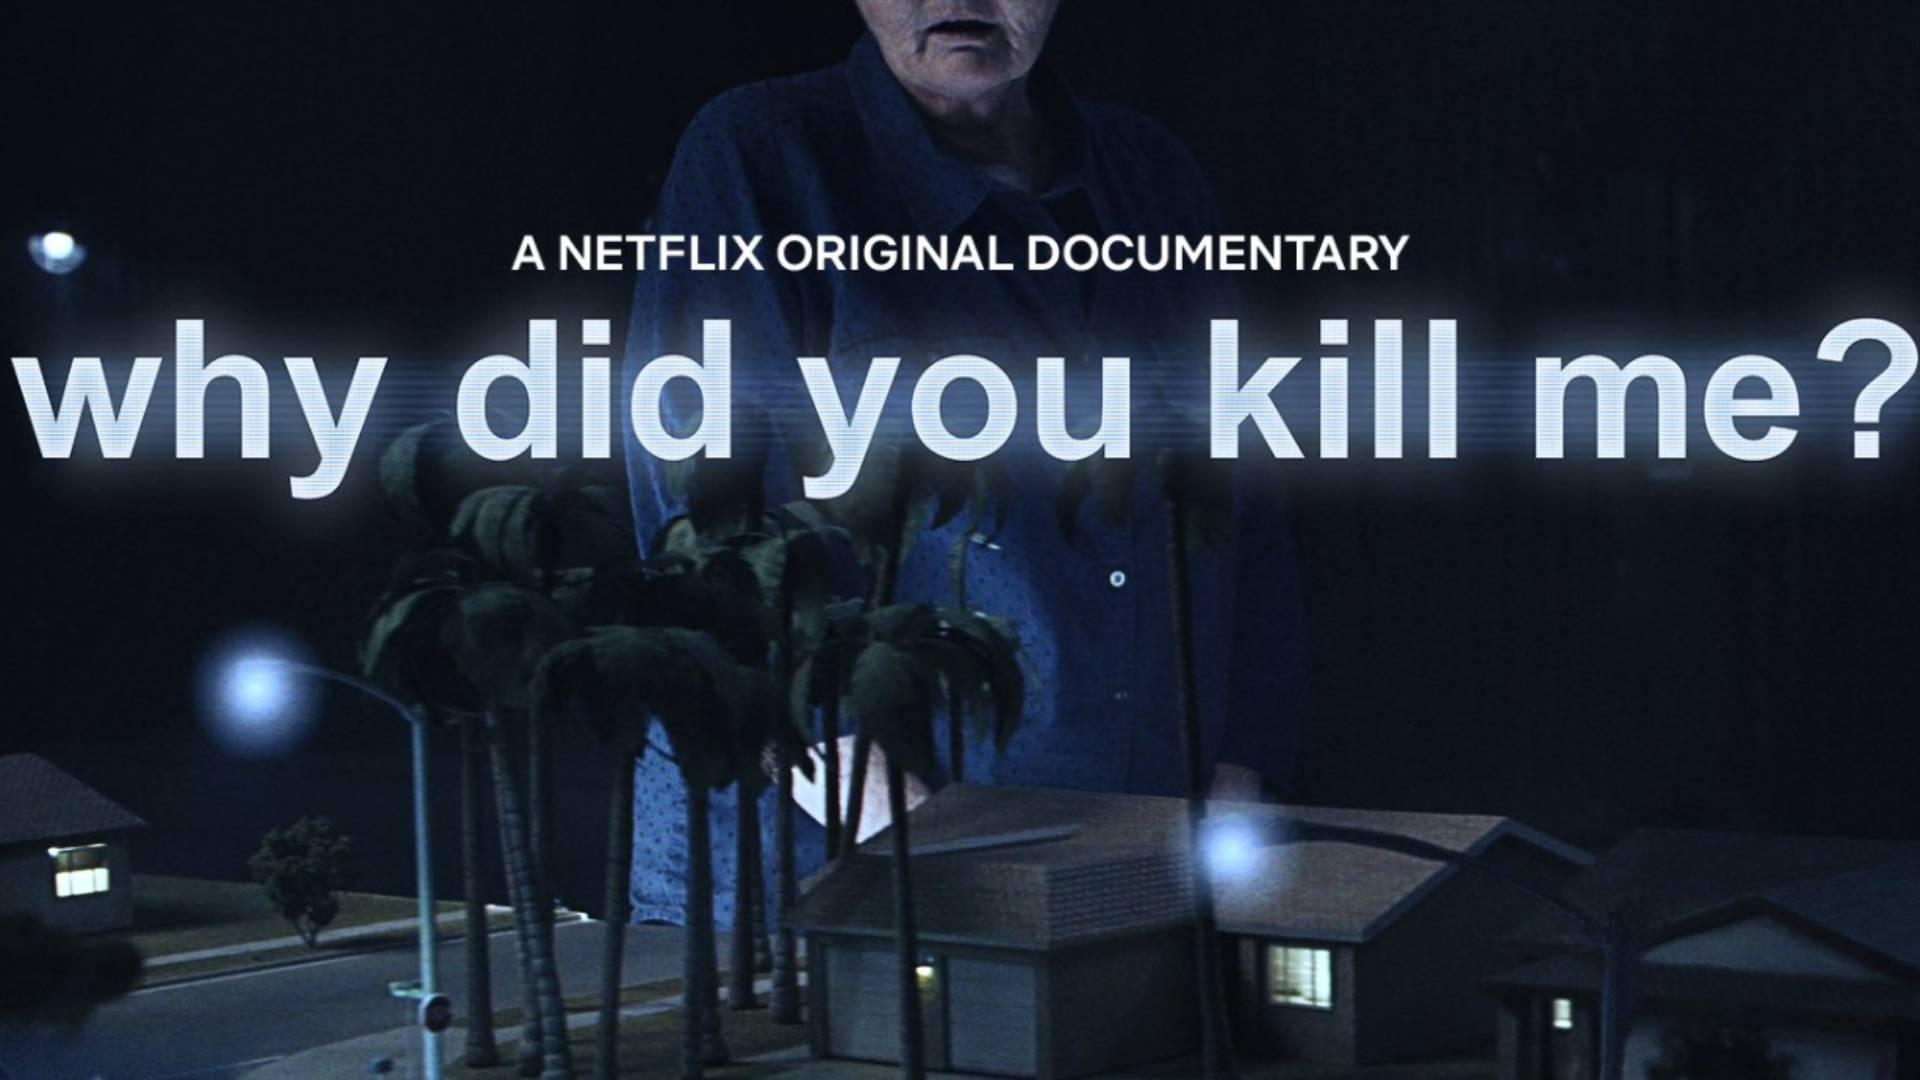 Por Que Me Mataron o Why Did You Kill Me? en Netflix